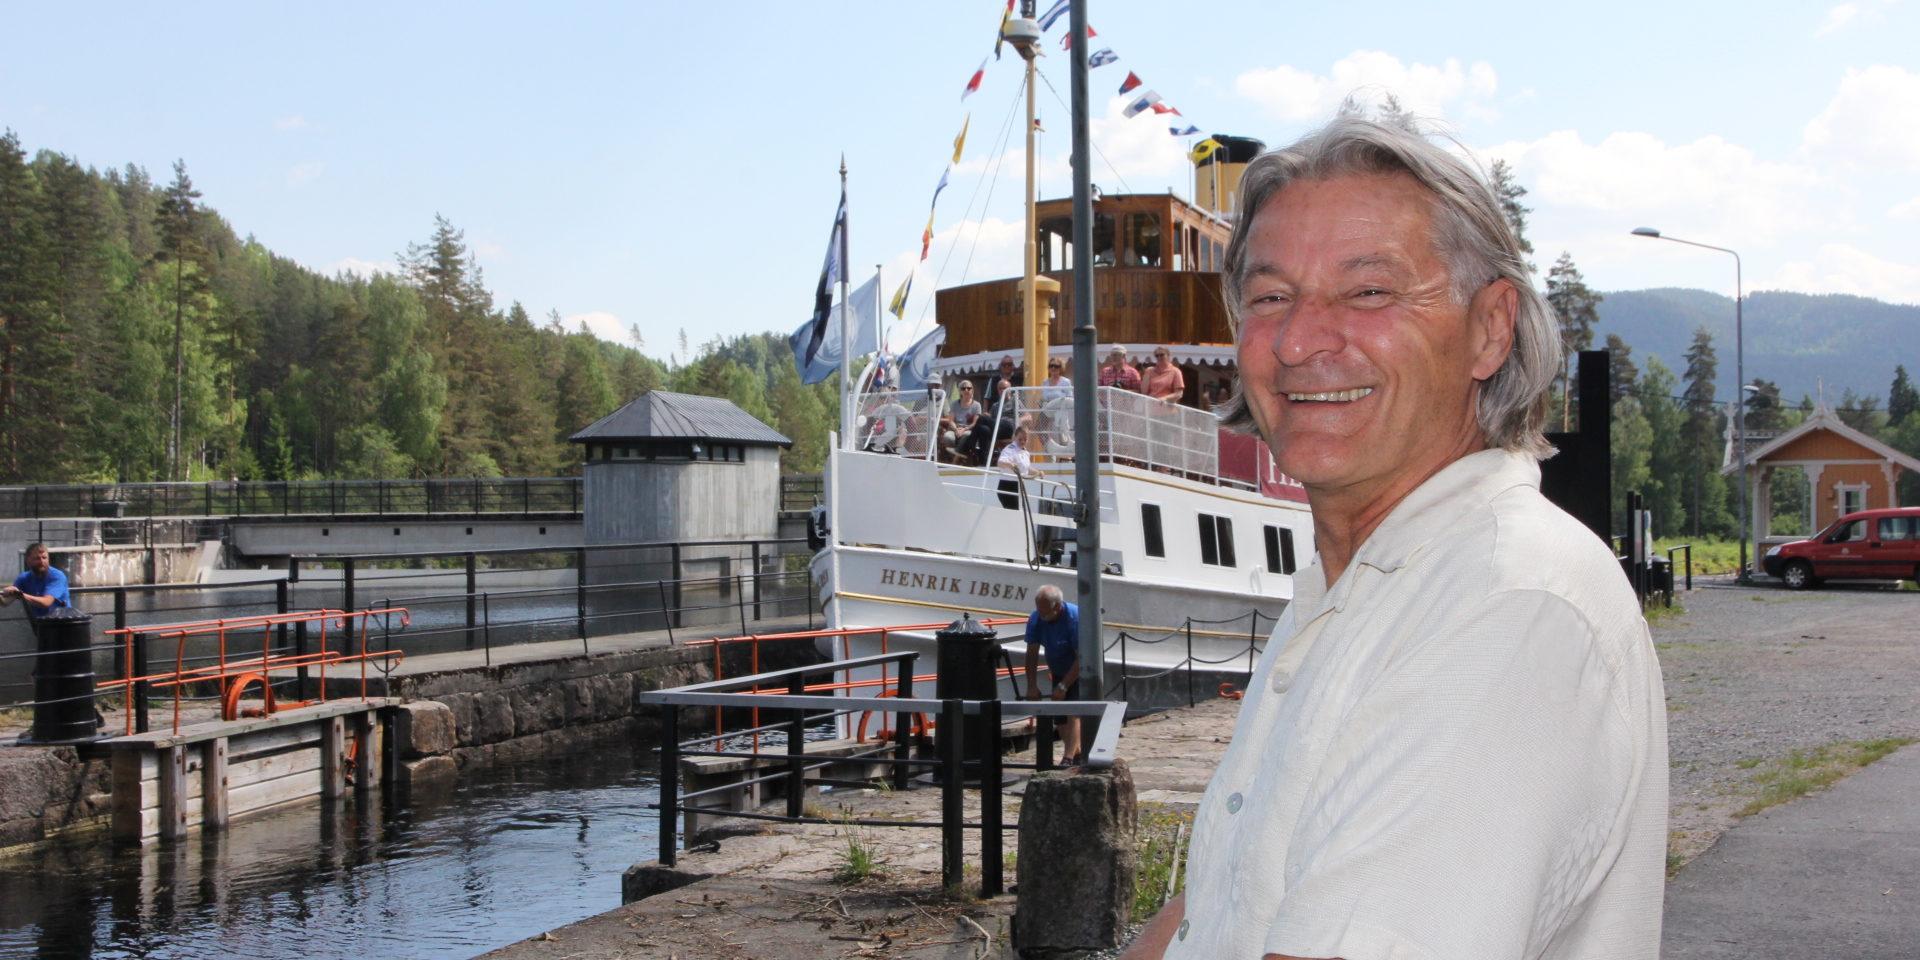 Thor Morten Halvorsen, eier av kanalbåten M/S Henrik Ibsen Foto: Anne Lognvik i NRK